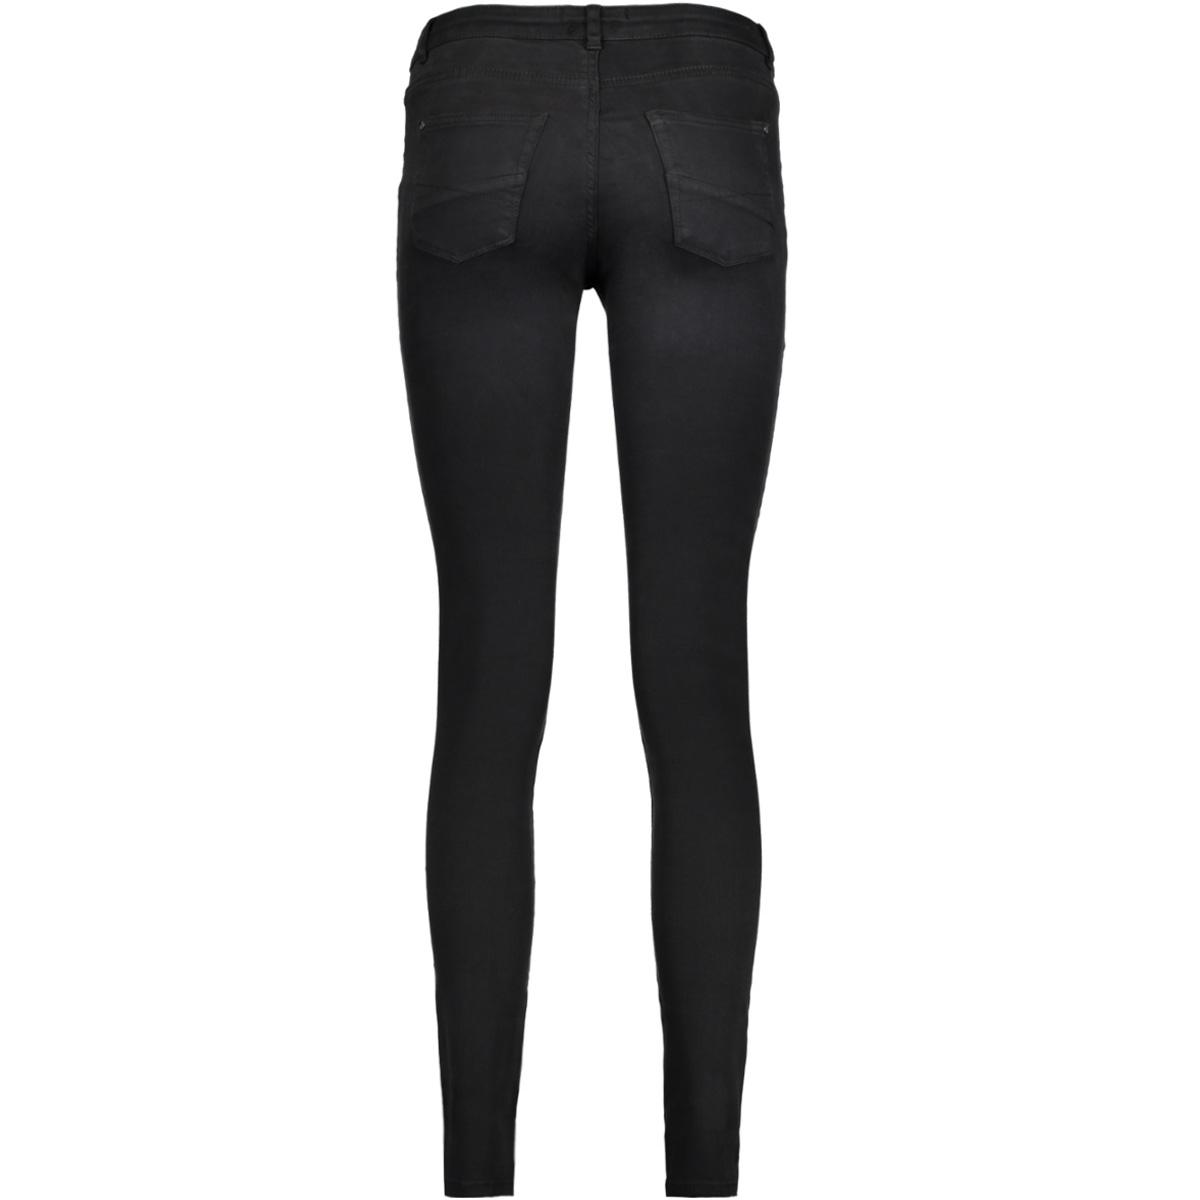 117ee1b022 esprit jeans e001